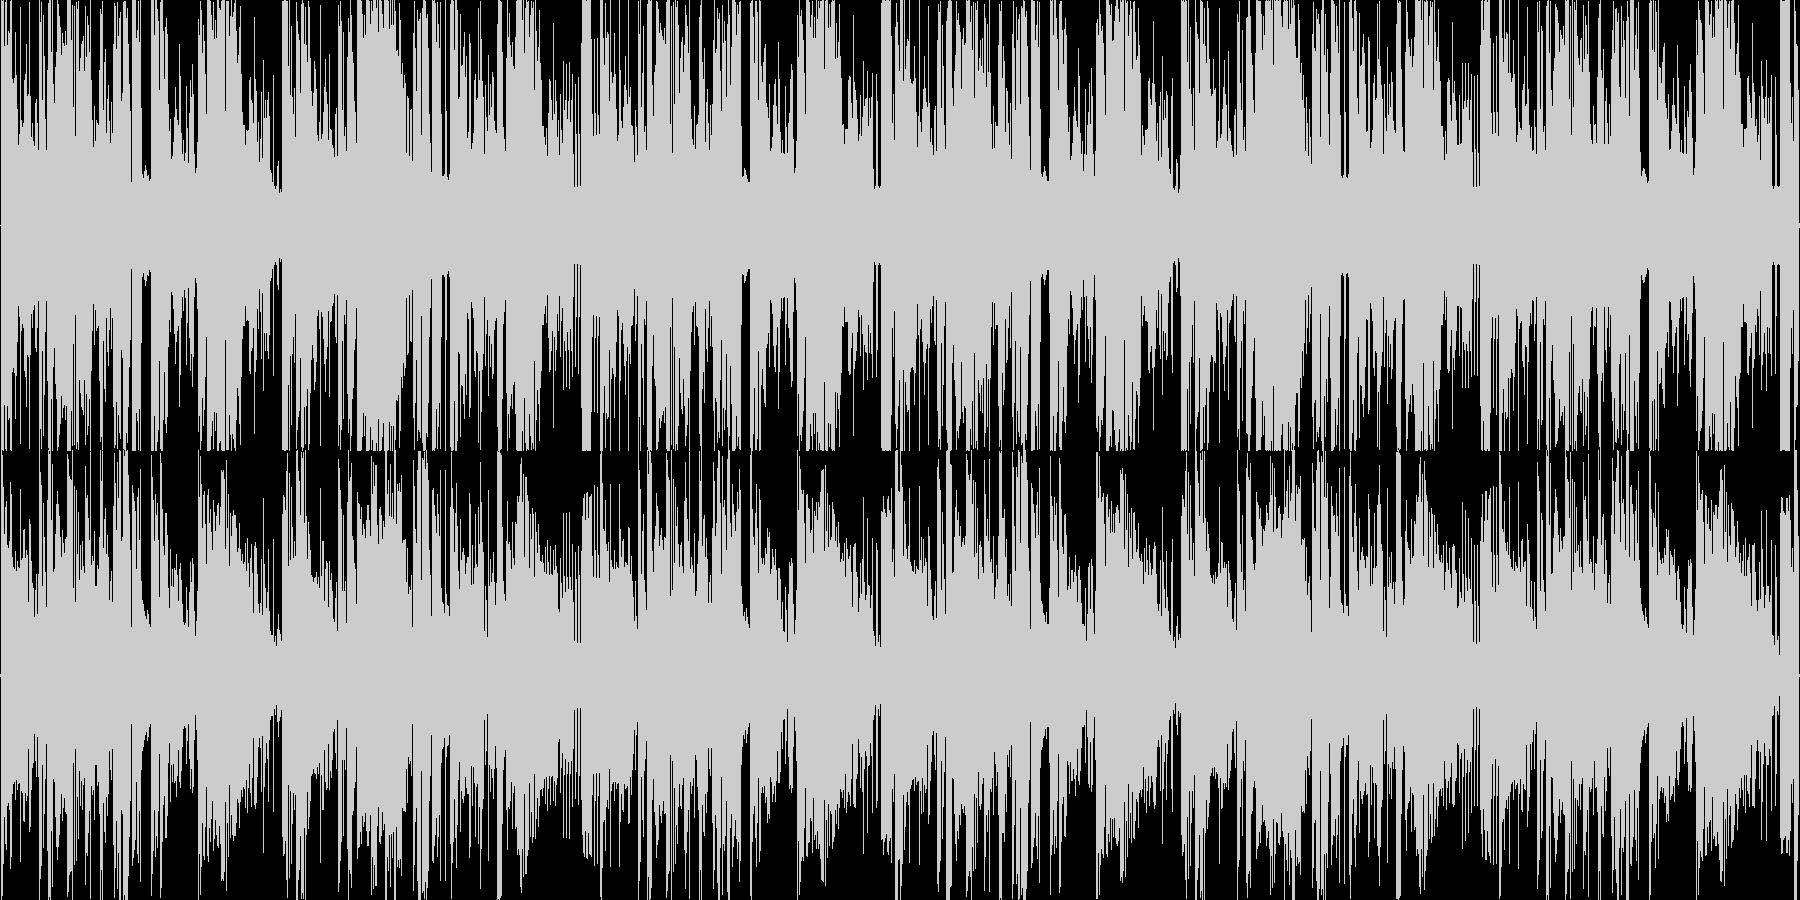 ダブステップヒーリングLOOPの未再生の波形